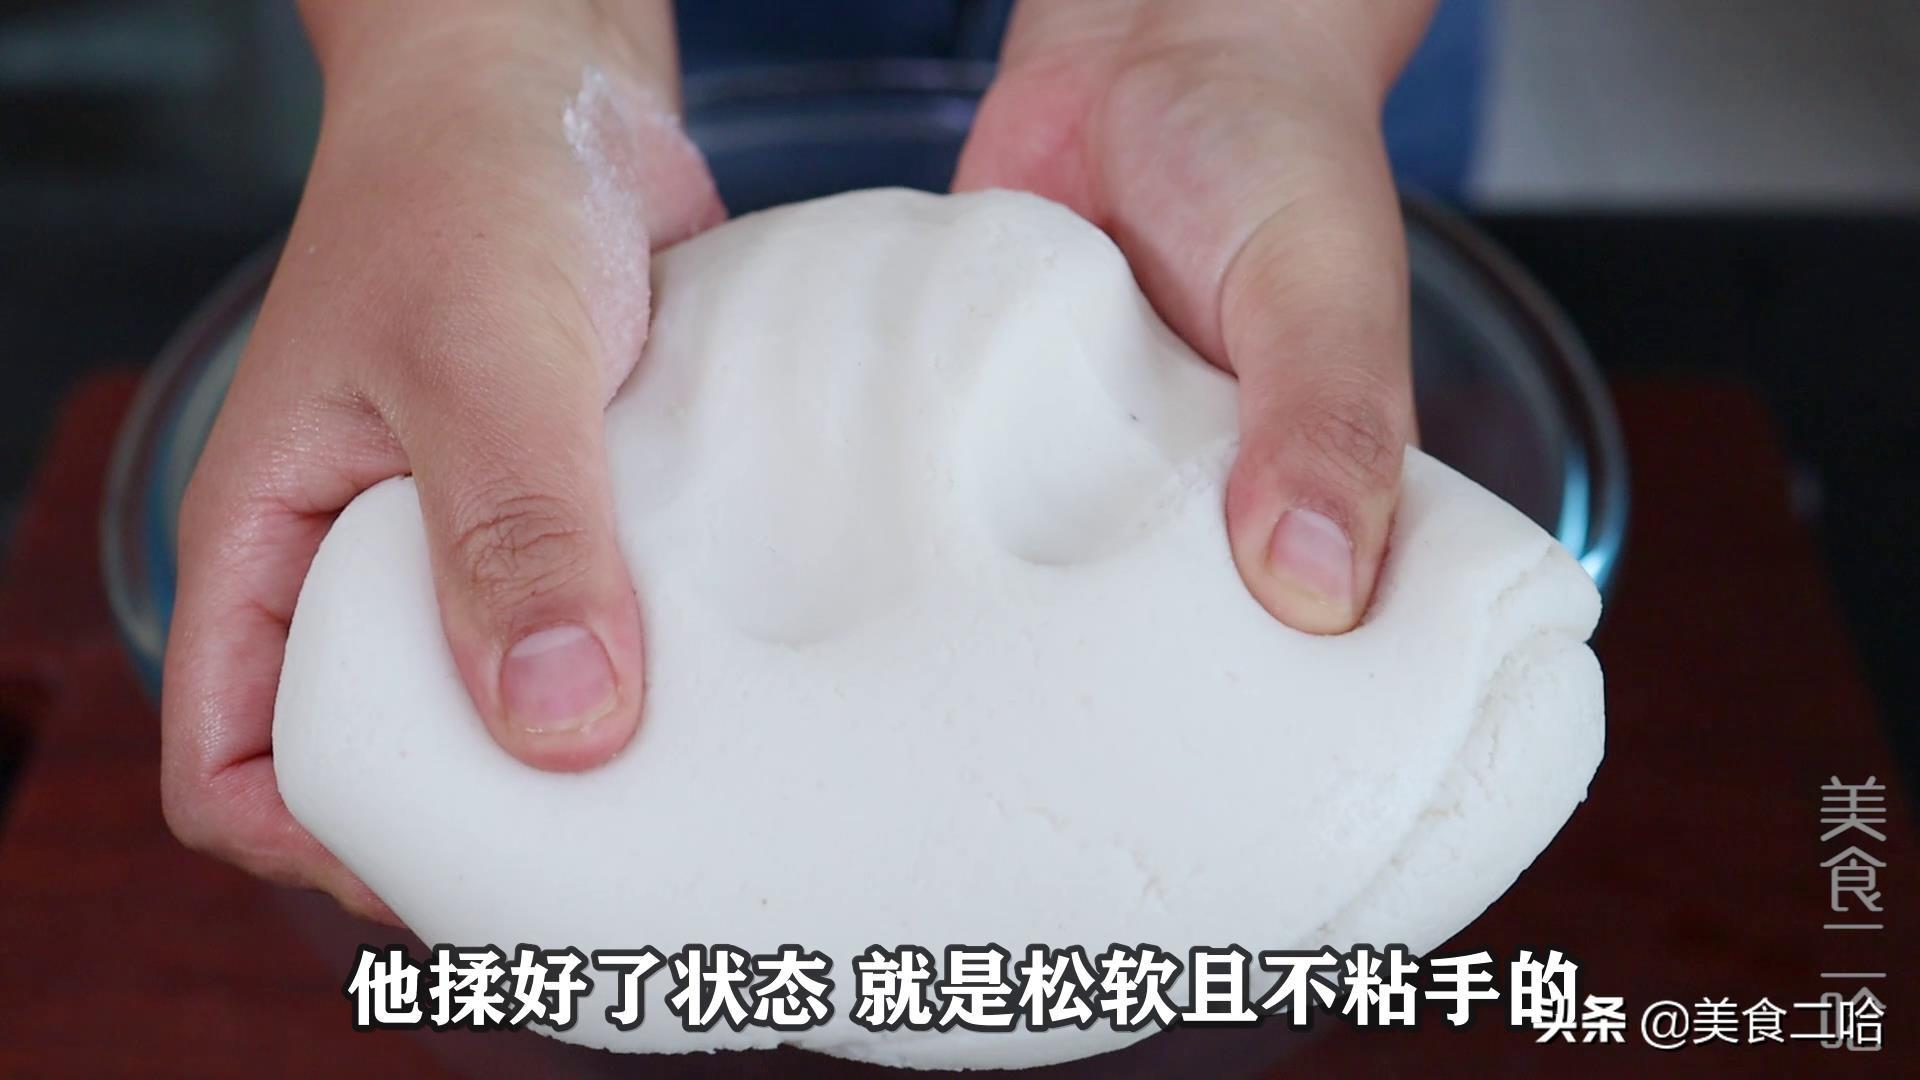 糯米白糖卷:既有糯米的嚼劲,又有白糖的清甜,好吃又过瘾 美食做法 第5张